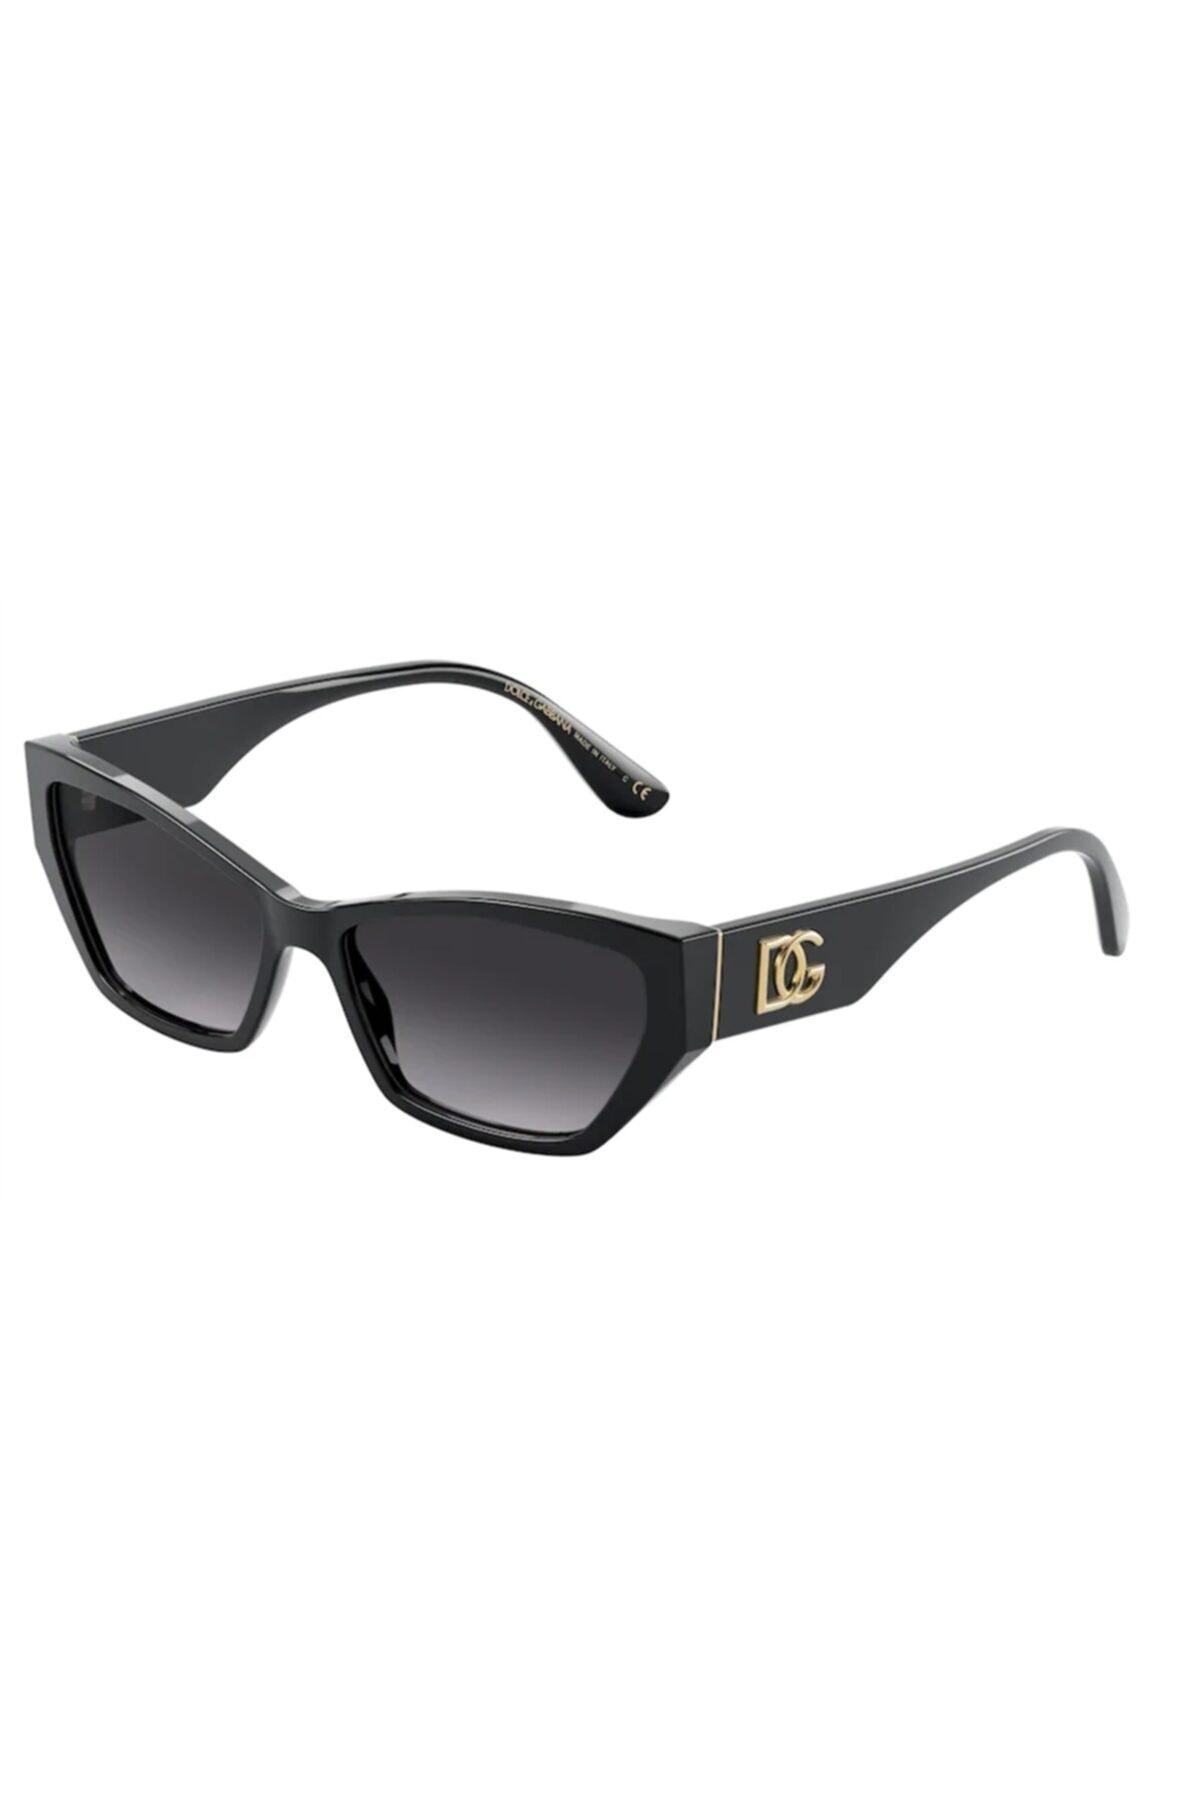 Dolce & Gabbana 0dg4375 501/8g 58 Ekartman Kadın Güneş Gözlüğü 1